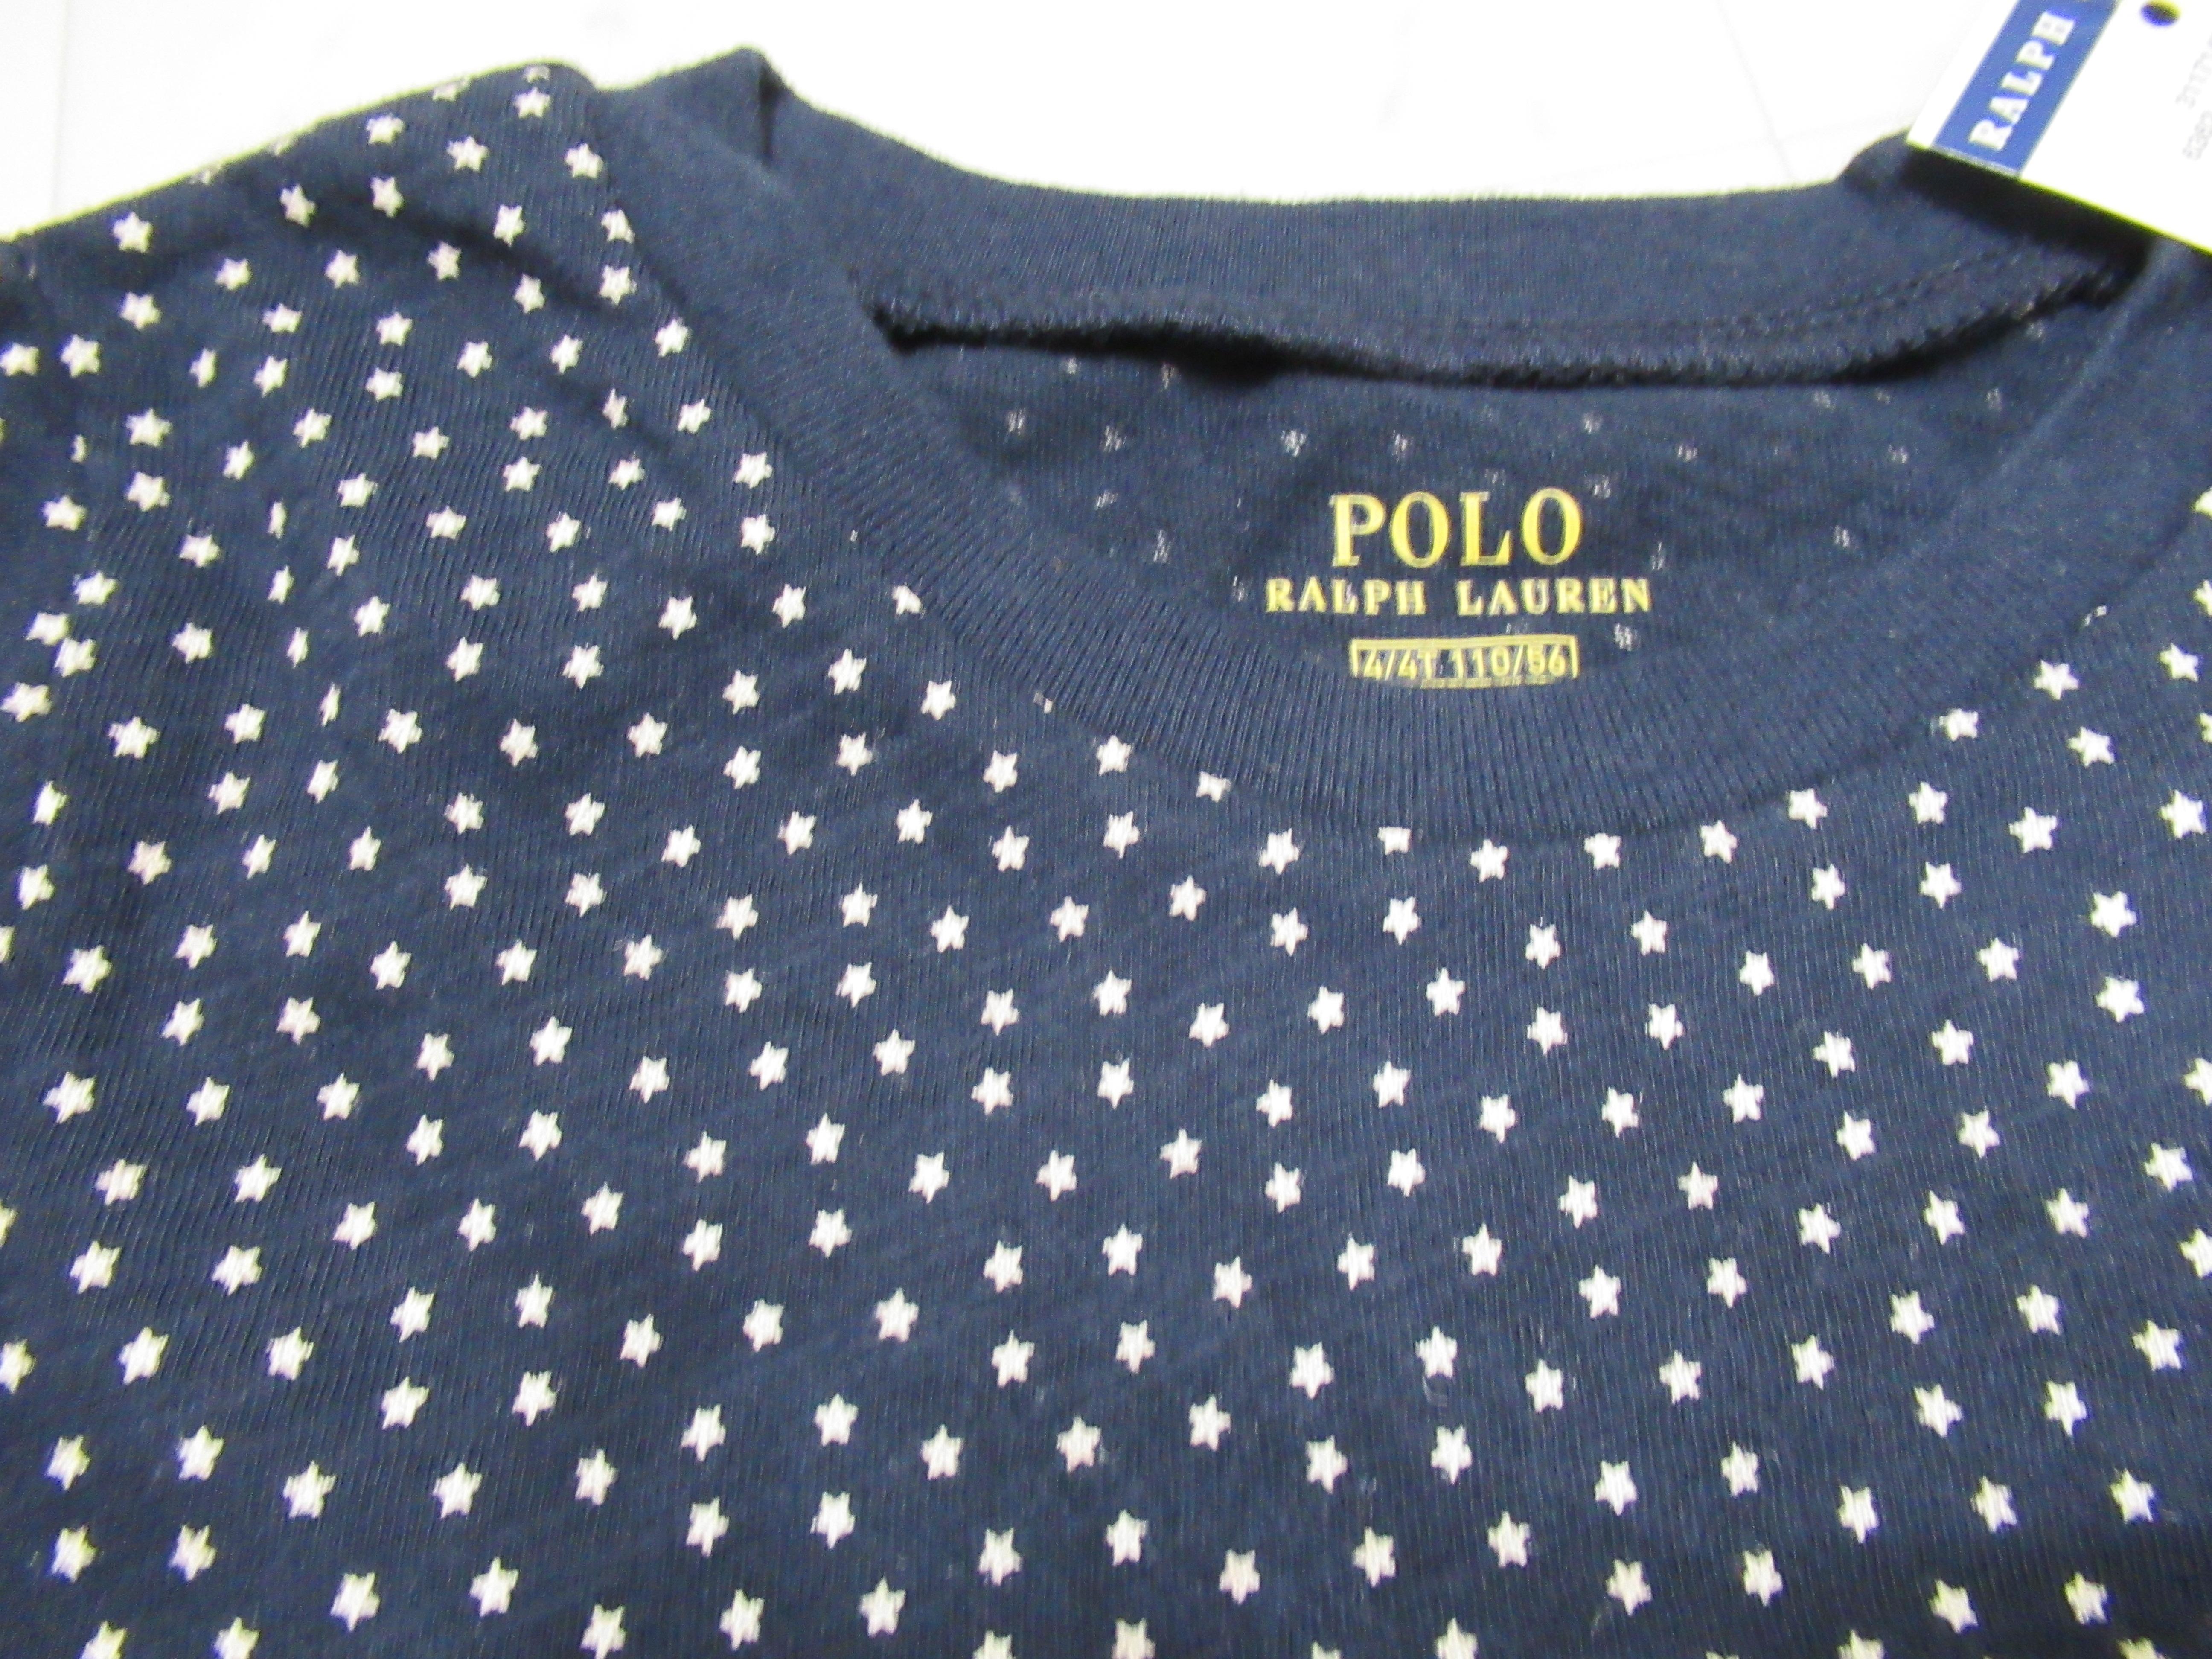 ハワイで子供服を買い物☆安いお店と戦利品|子連れハワイブログ